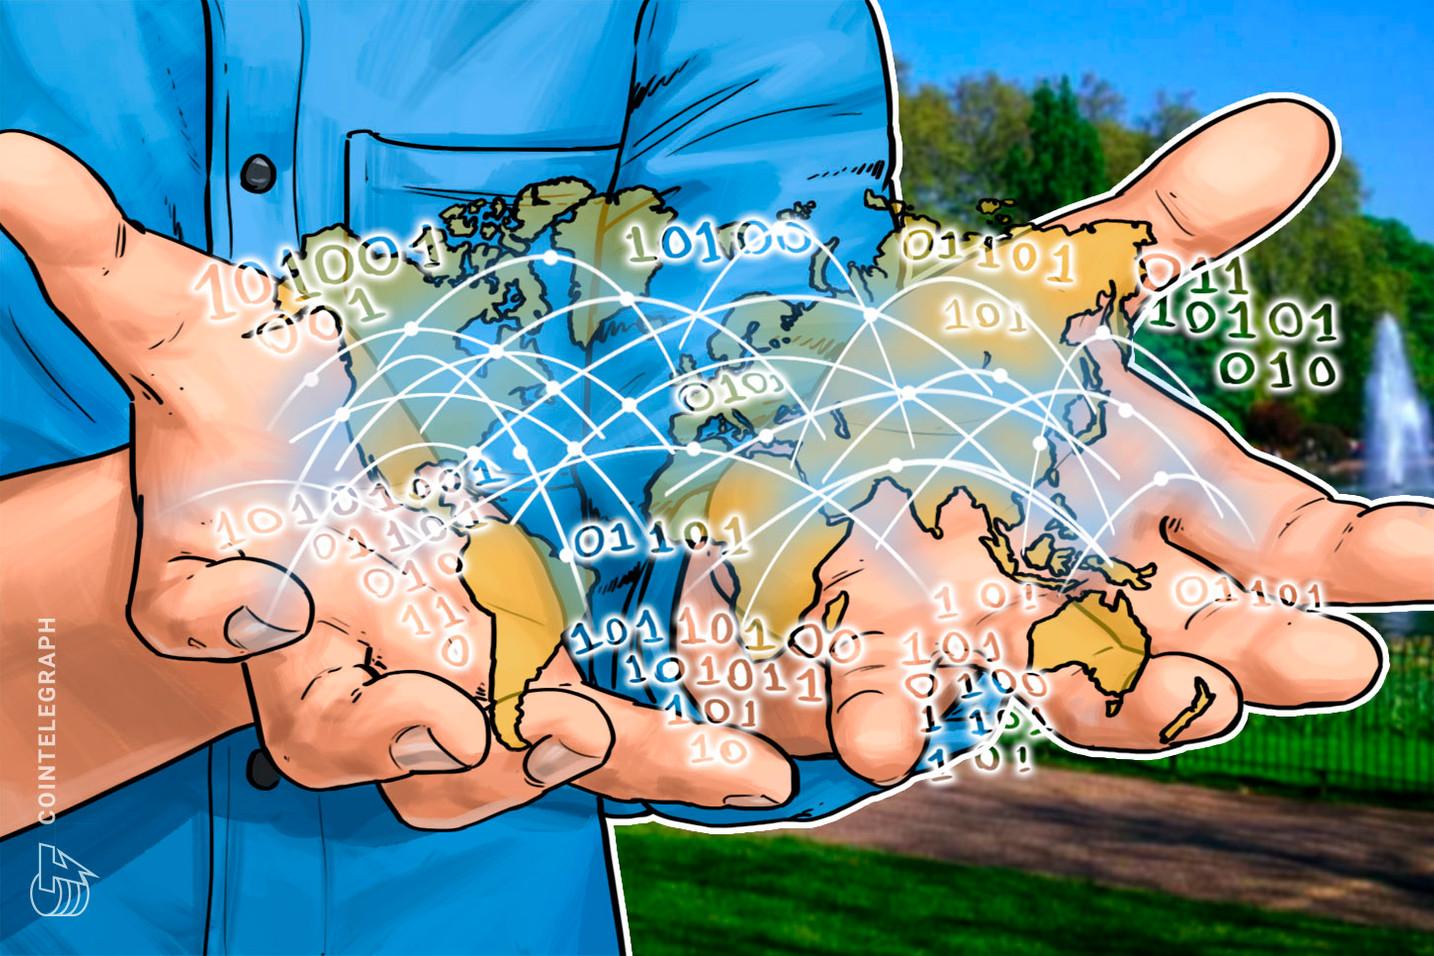 ベトナム最大通信企業がブロックチェーン参入、業界リーダー目指す